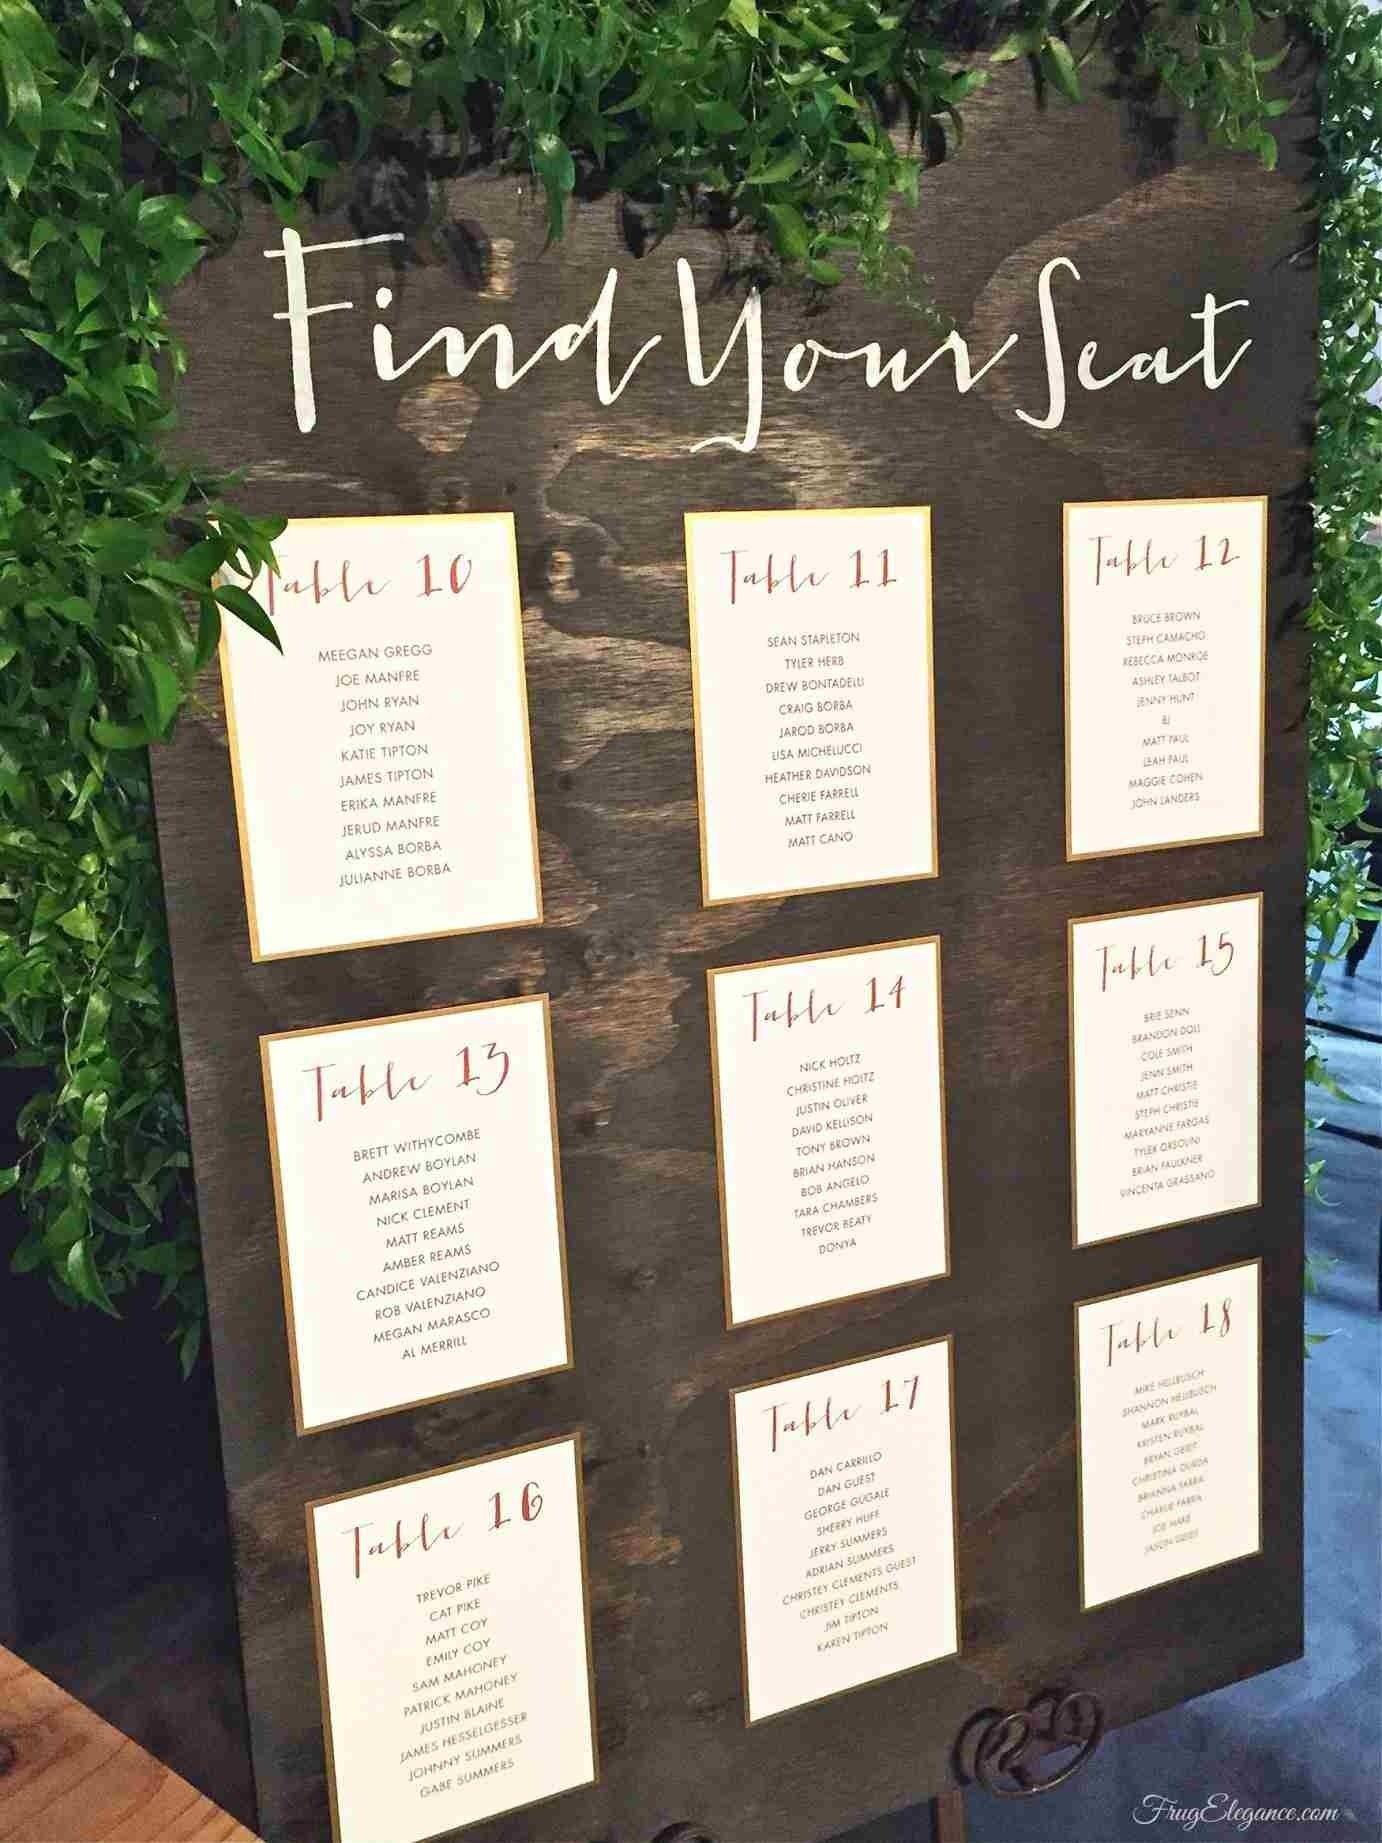 10 Wonderful Wedding Reception Seating Chart Ideas board google search u pinteresu diy come the day youure diy wedding 2020